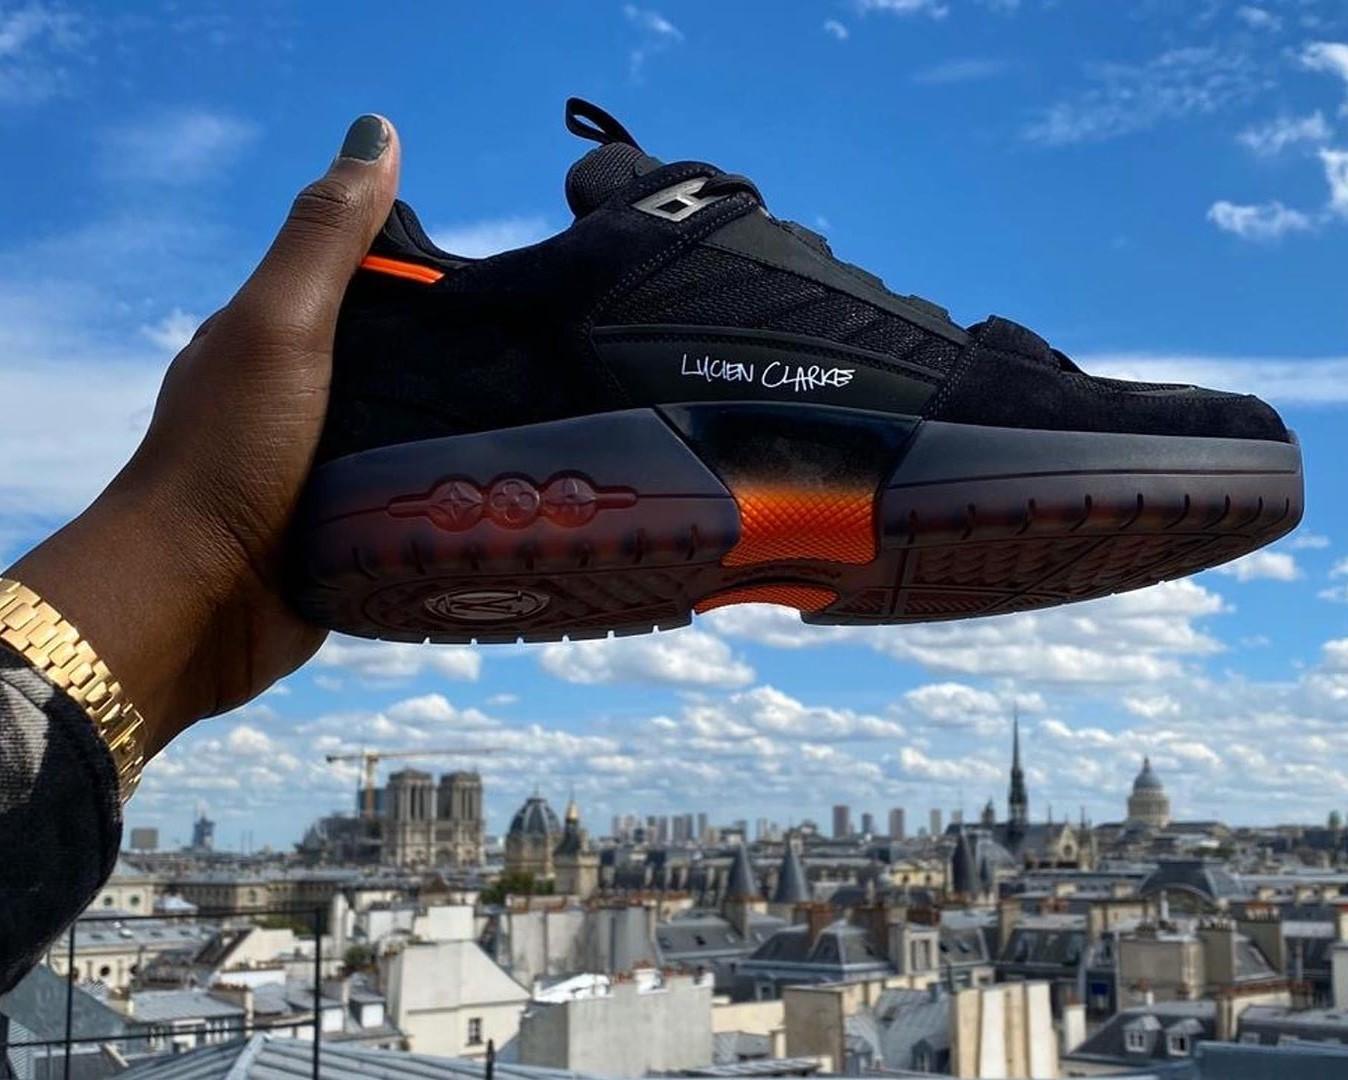 Louis Vuitton Announce Signature Skate Shoe with Lucien Clarke